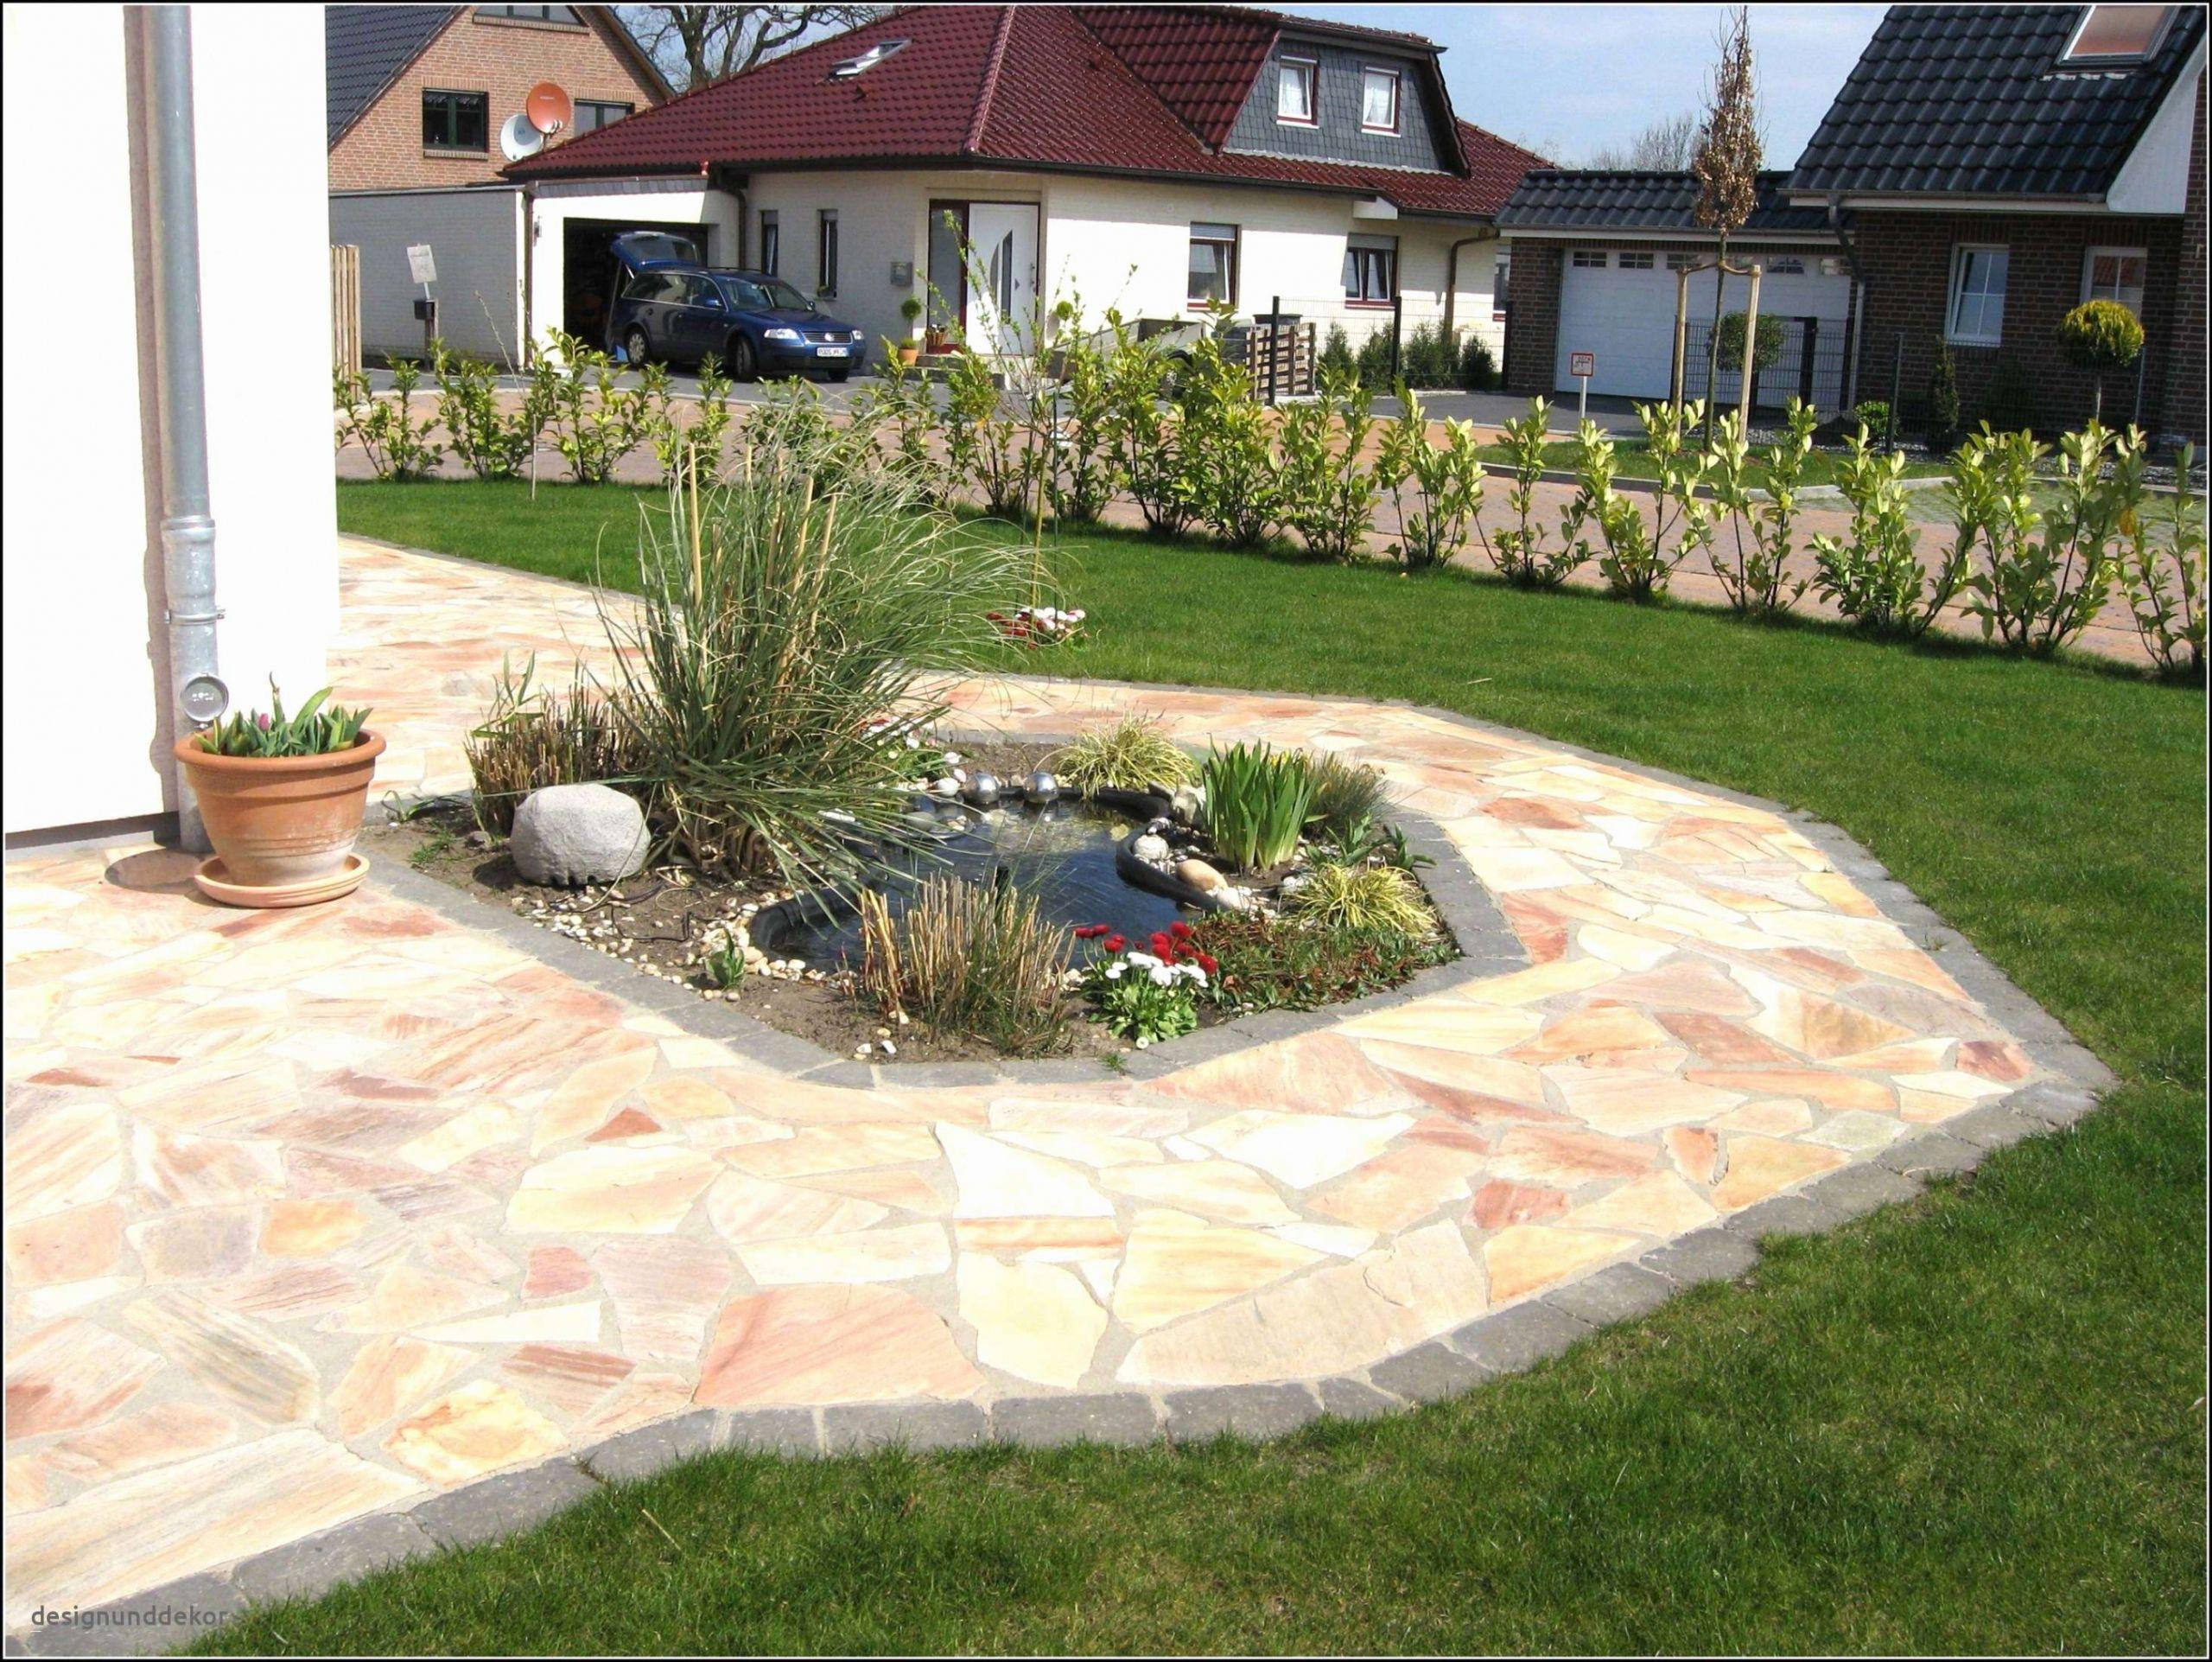 Gartengestaltung Pflegeleicht Schön Hang Gestalten Pflegeleicht — Temobardz Home Blog